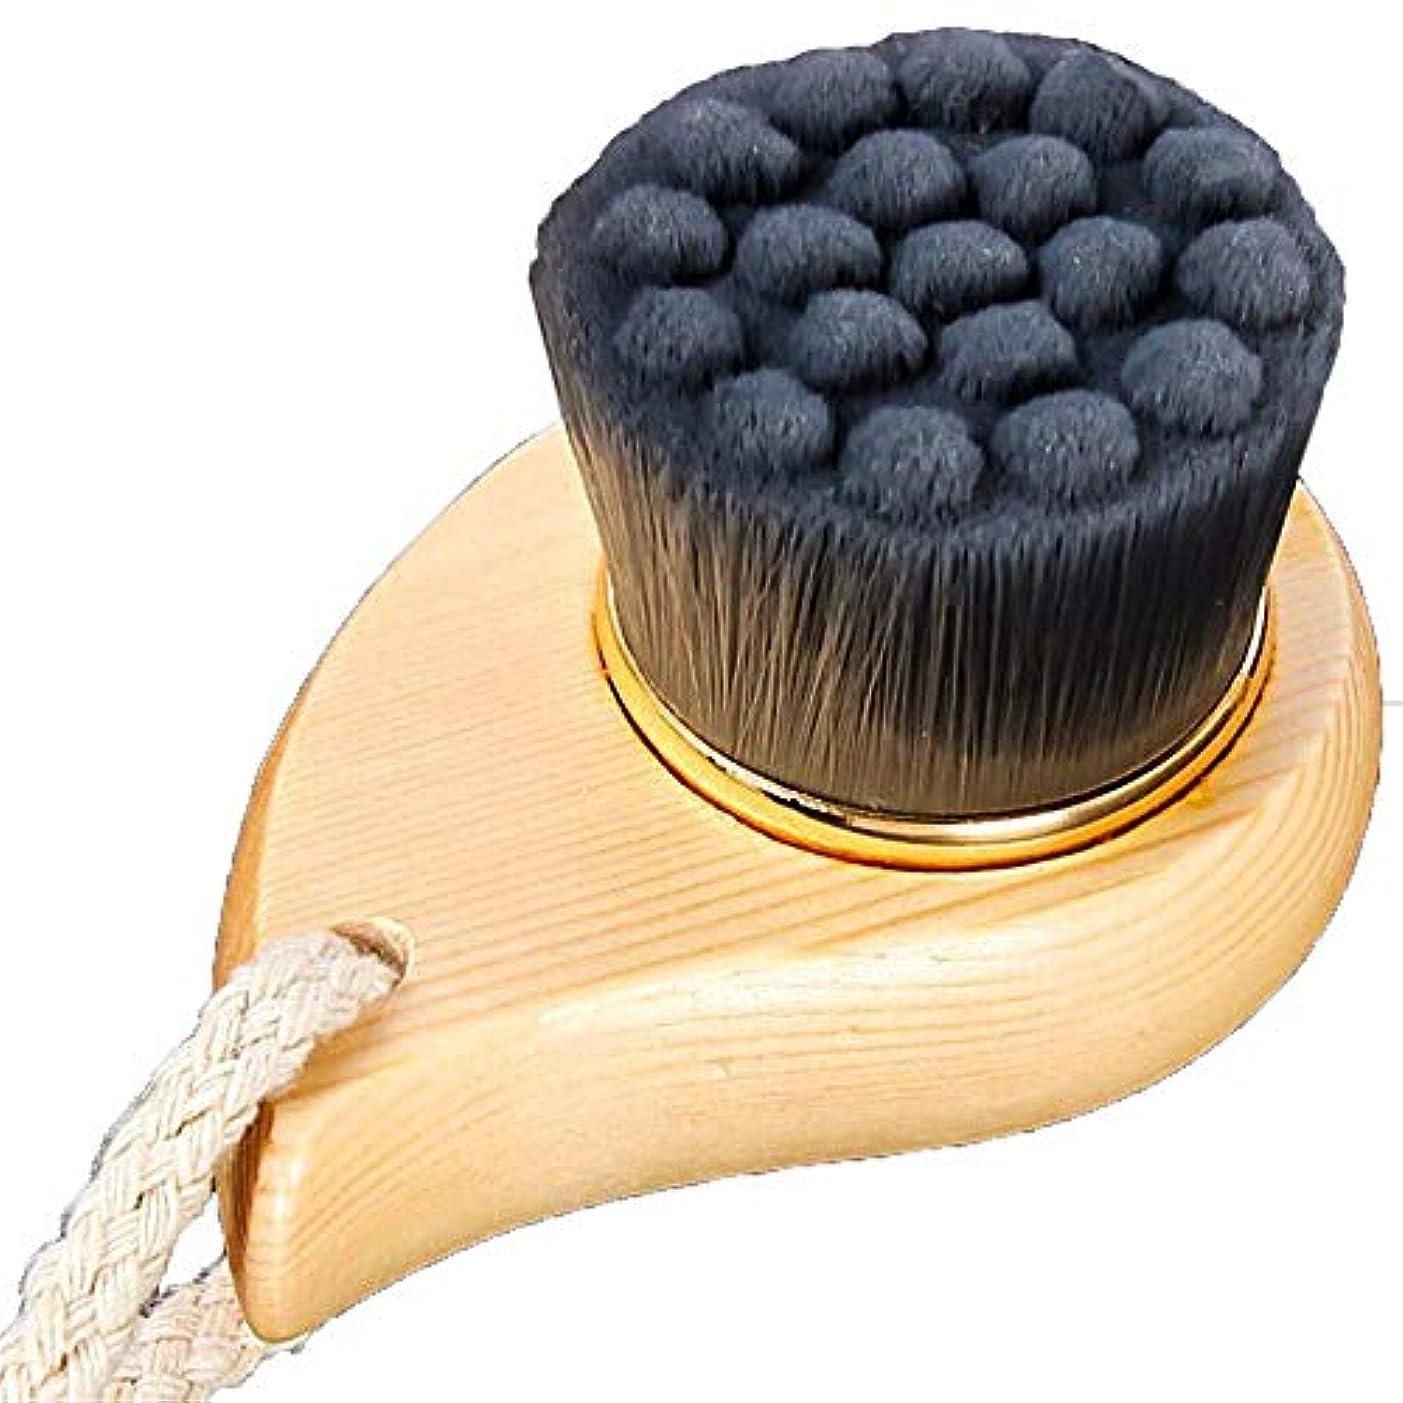 変更可能受ける含める洗顔ブラシ 深い毛穴のための柔らかい剛毛の表面クリーニングの美のブラシの清潔になることの美顔術のブラシ ディープクレンジングスキンケア用